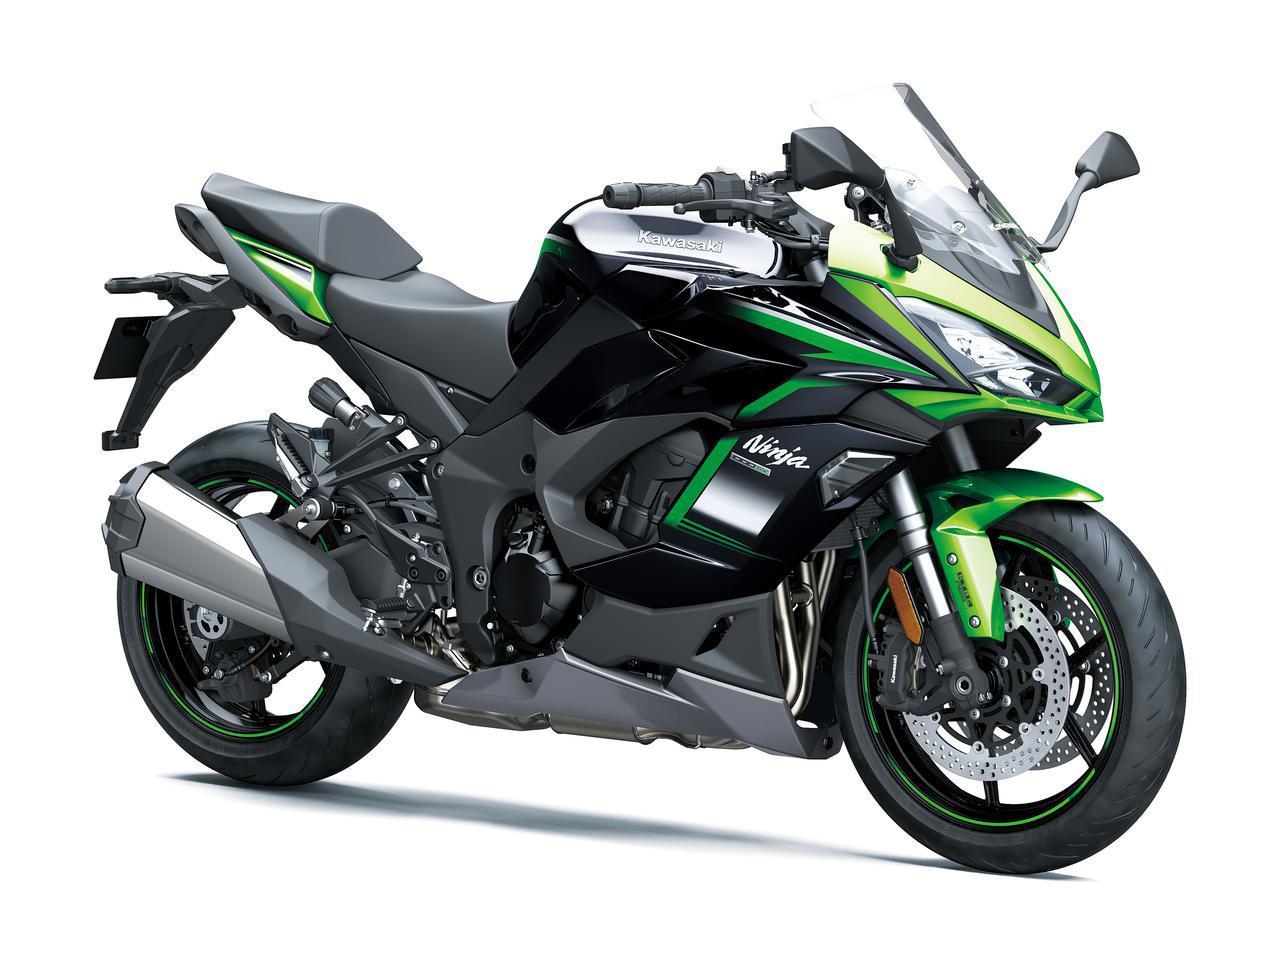 画像1: カワサキが「Ninja 1000SX」の2021年モデルを発表! 2020年モデルと比較チェック